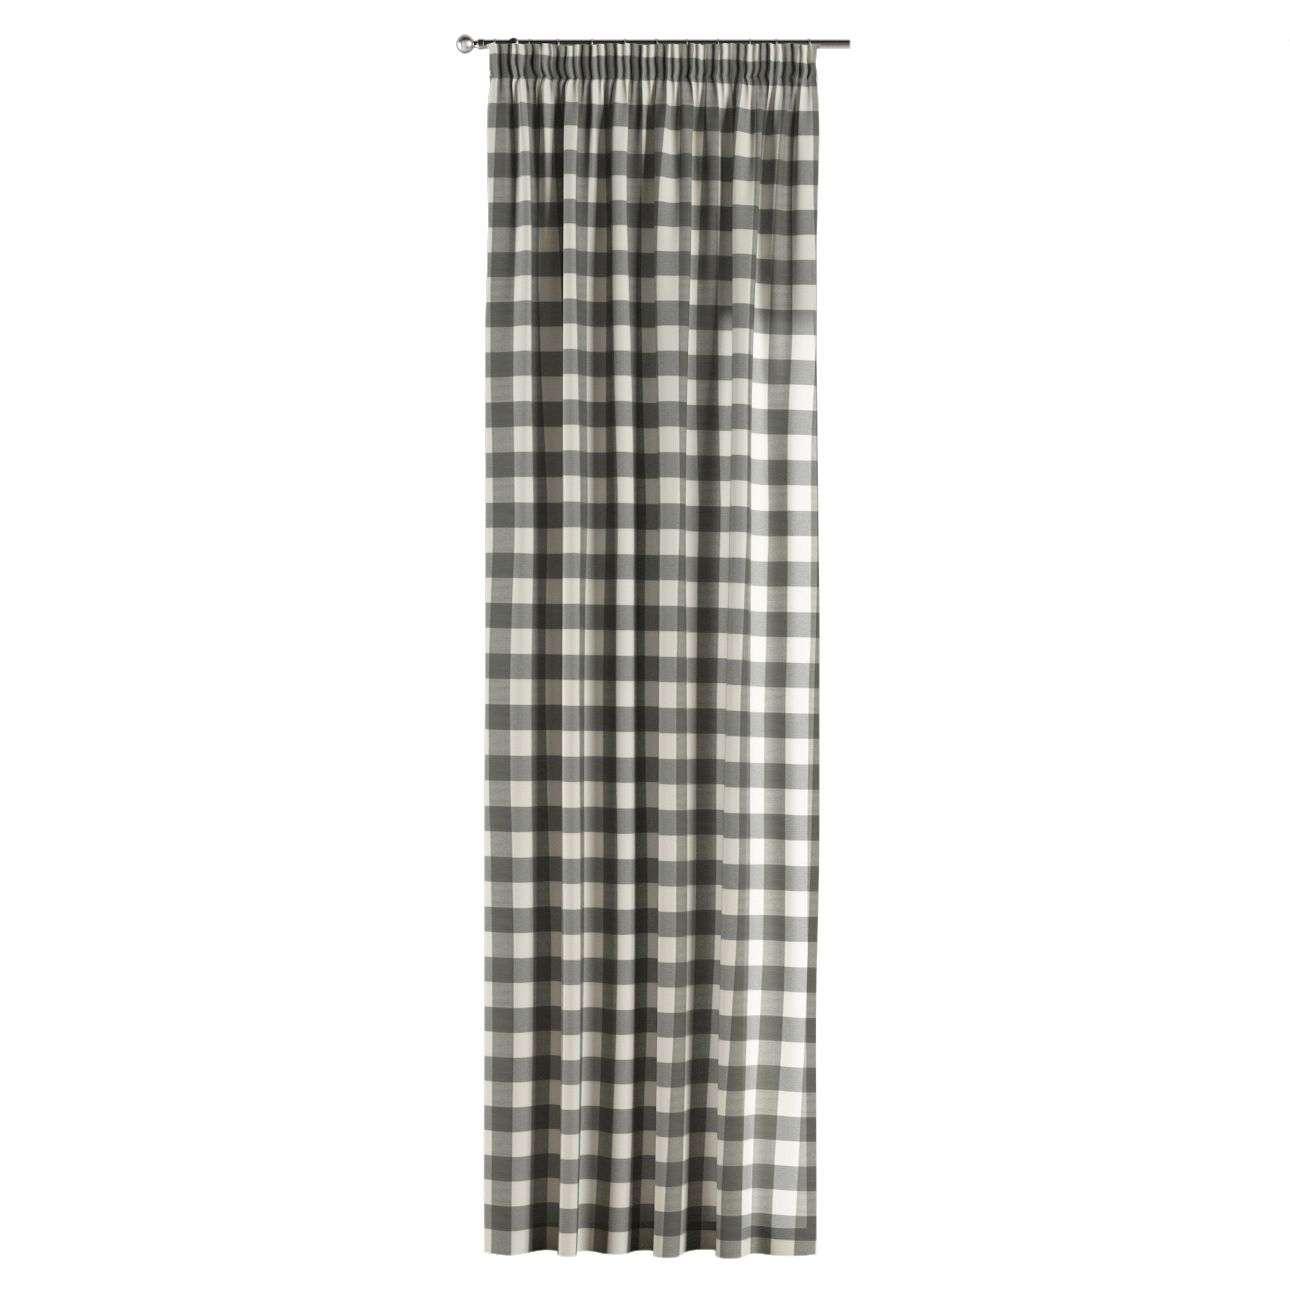 Pieštukinio klostavimo užuolaidos 130 × 260 cm (plotis × ilgis) kolekcijoje Quadro, audinys: 136-13